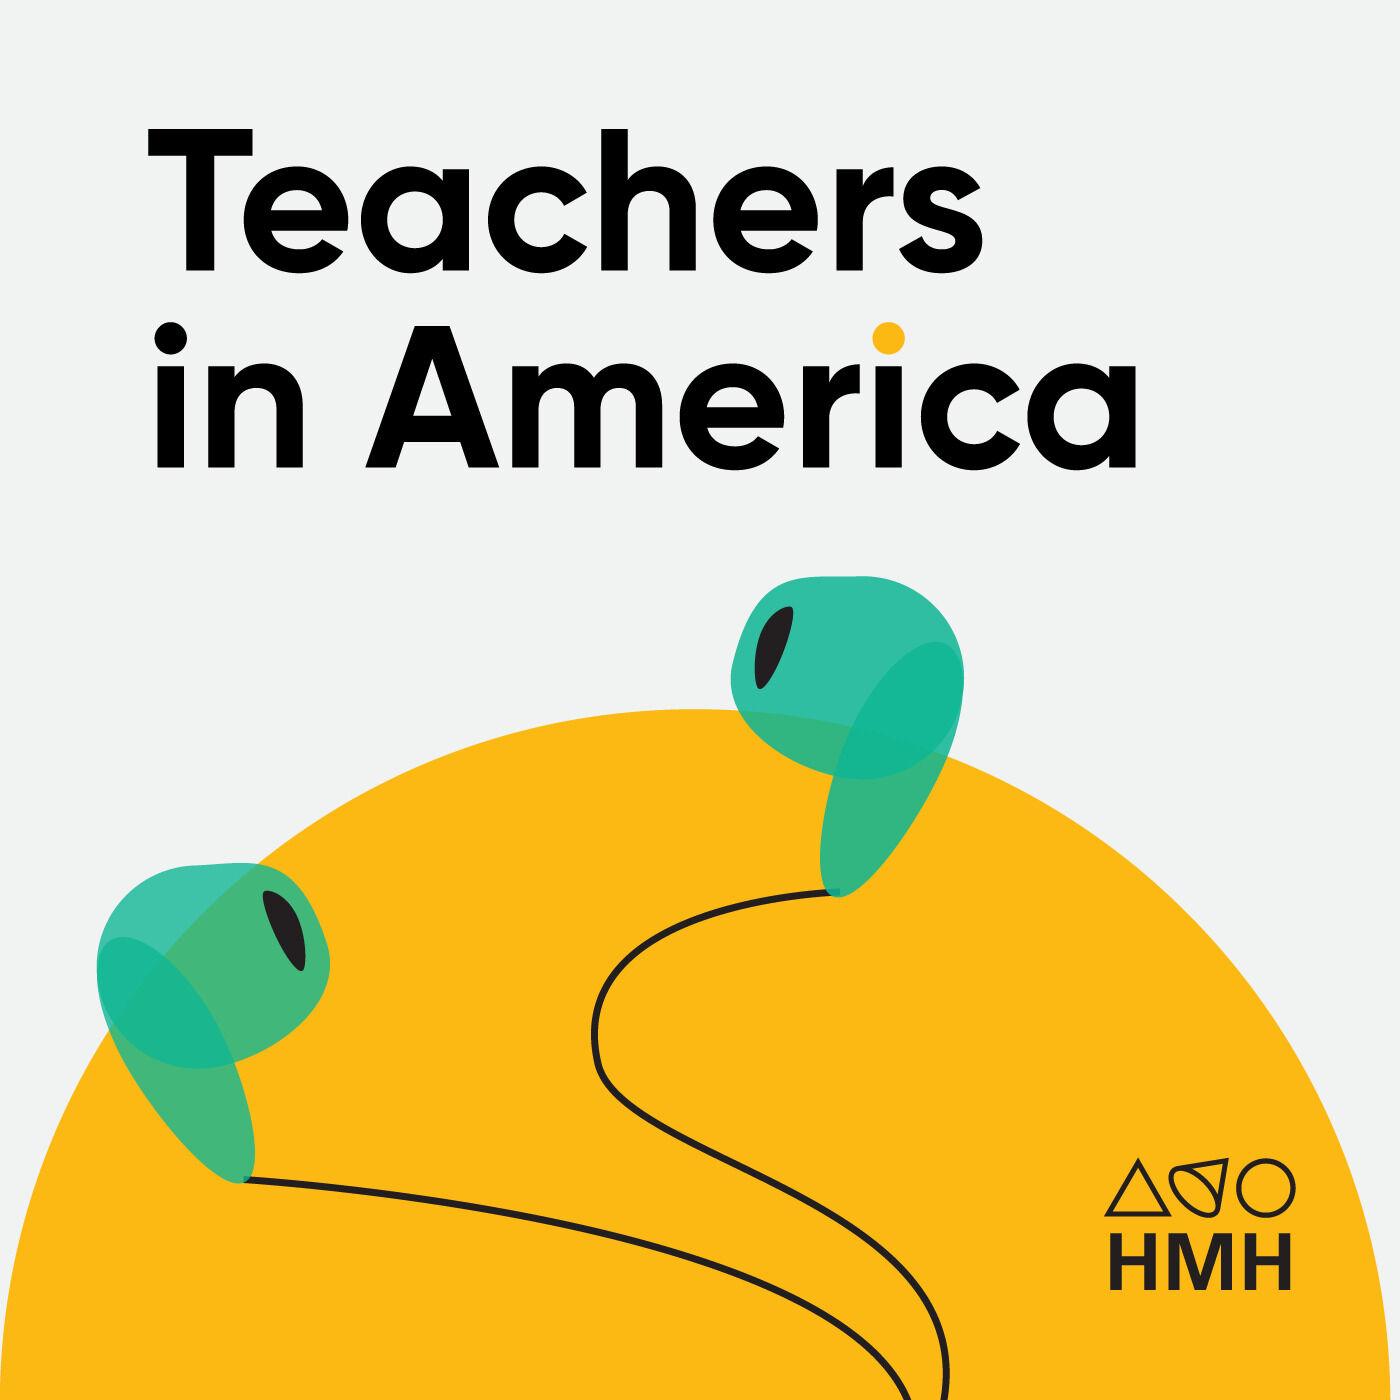 Teachers in America